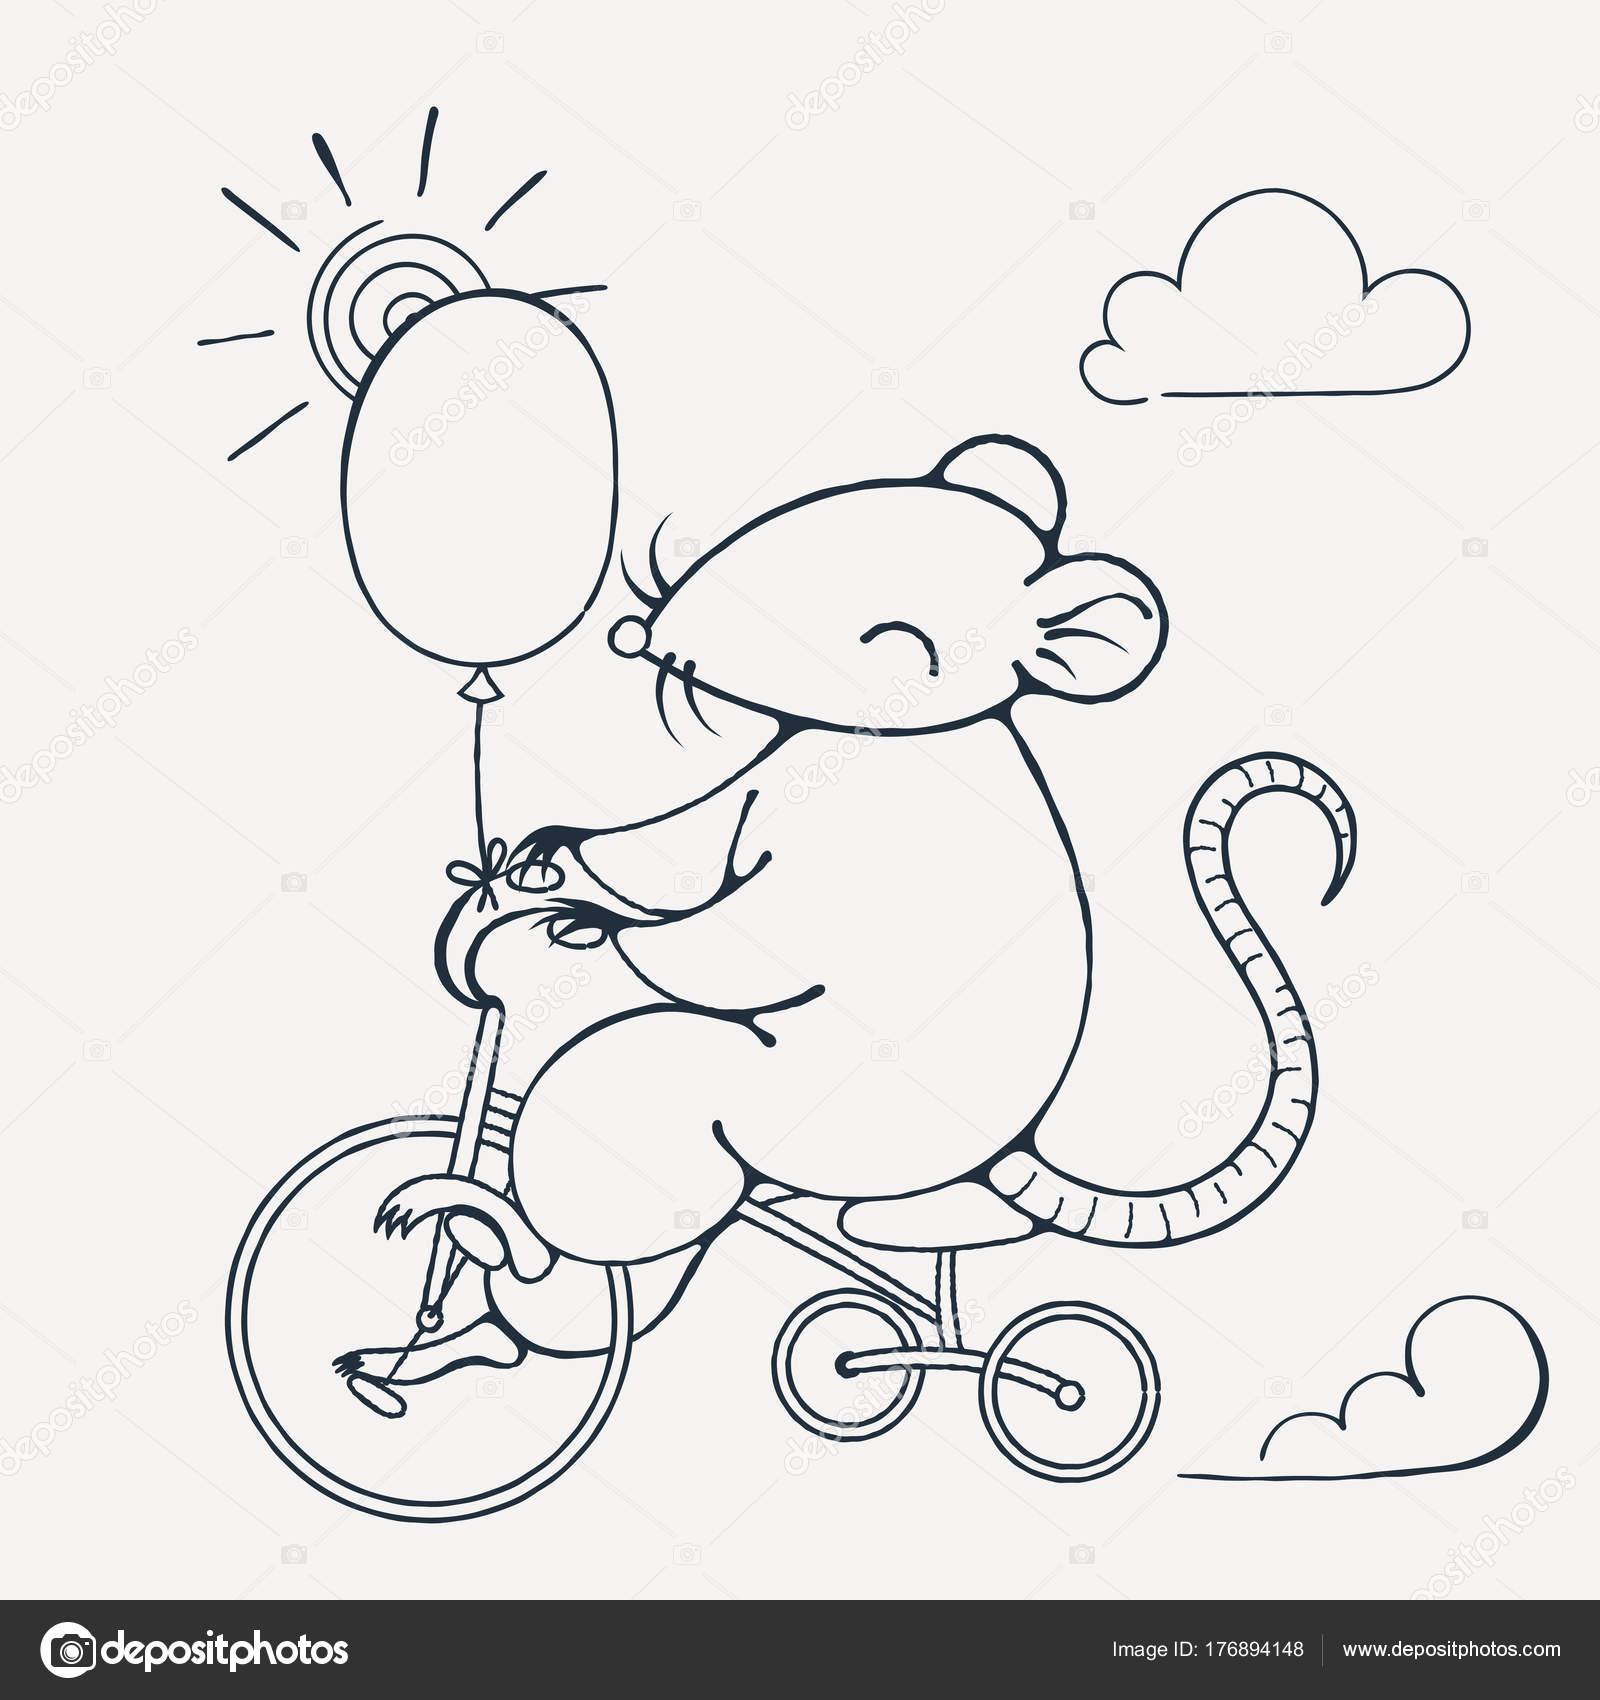 Abbildung mit einer fröhlichen Ratte auf einem Fahrrad mit Ballon ...